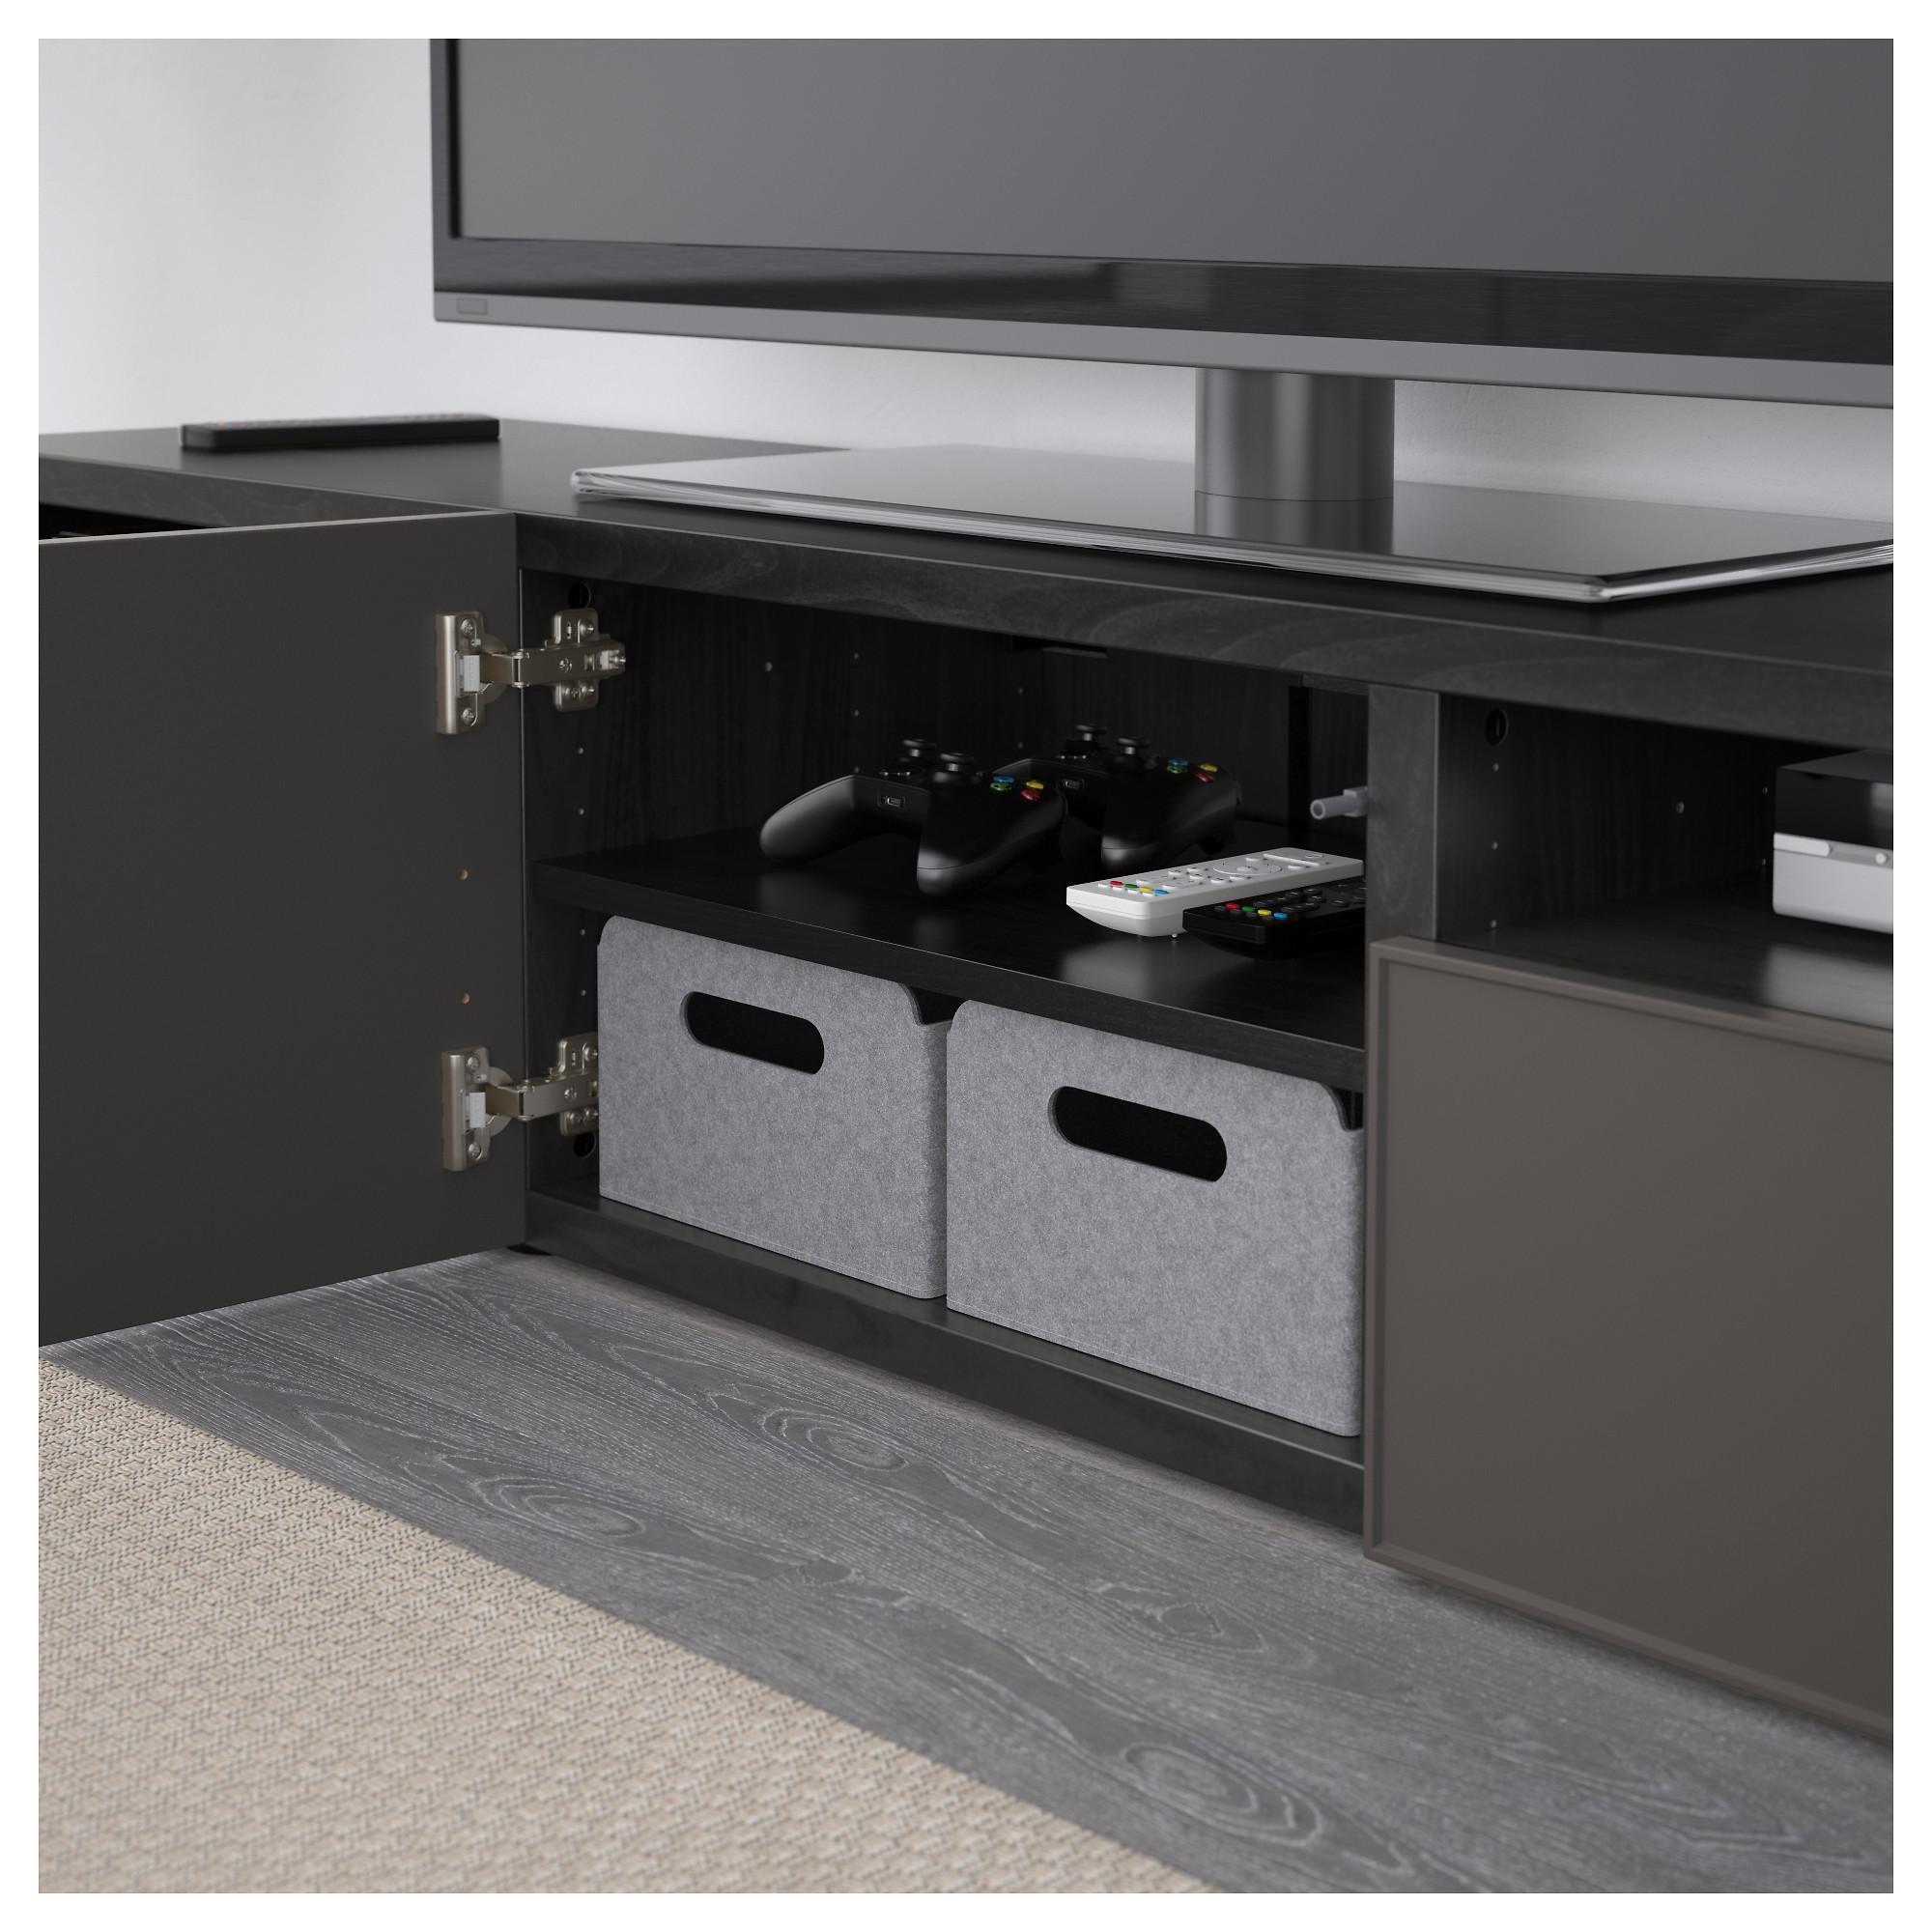 Тумба под ТВ БЕСТО темно-серый артикуль № 692.503.79 в наличии. Интернет магазин IKEA РБ. Быстрая доставка и соборка.